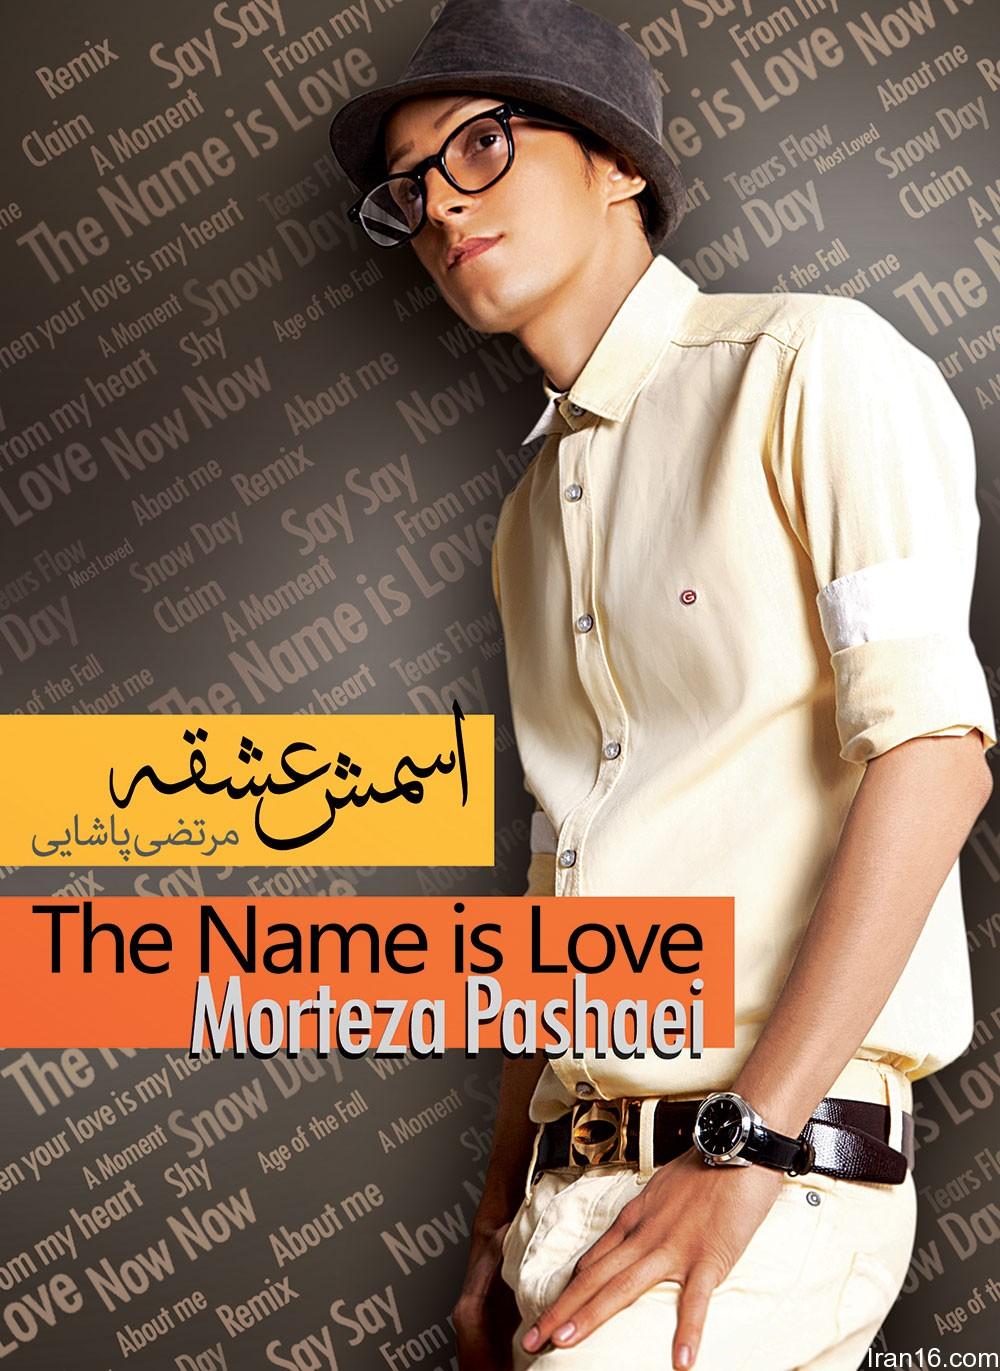 آلبوم مرتضی پاشایی اسمش عشقه